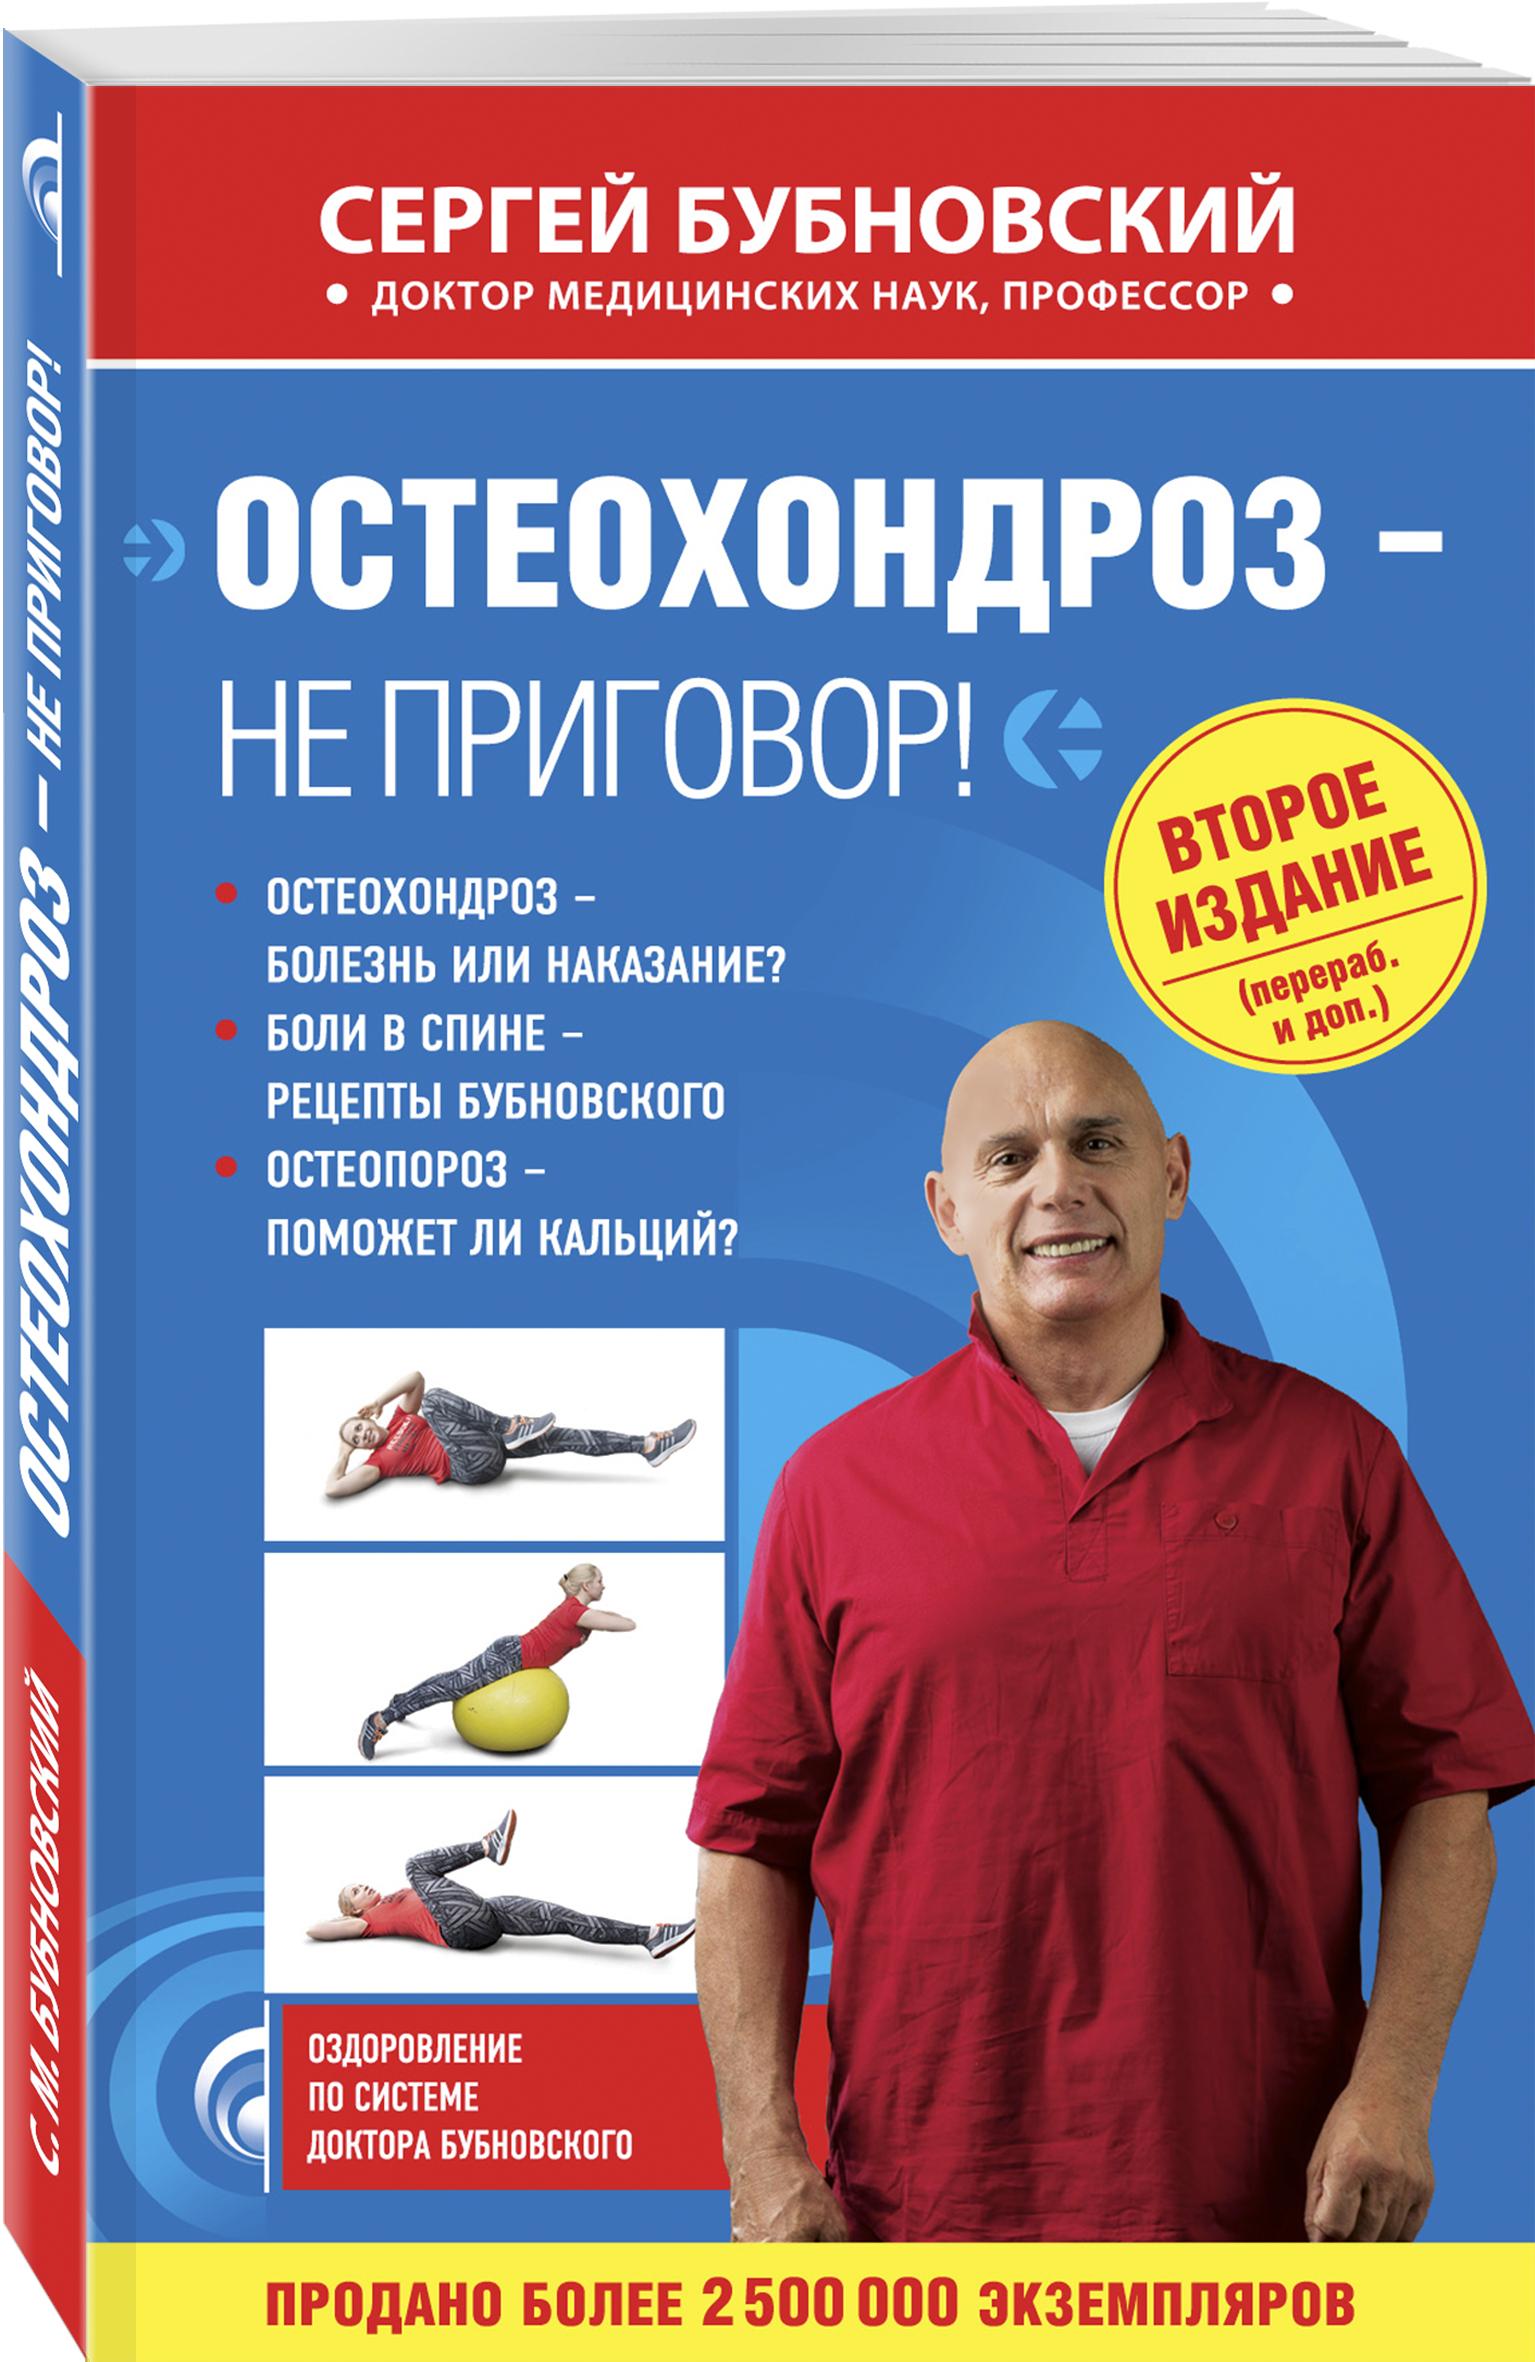 Остеохондроз - не приговор! 2-е издание ( Бубновский Сергей Михайлович  )